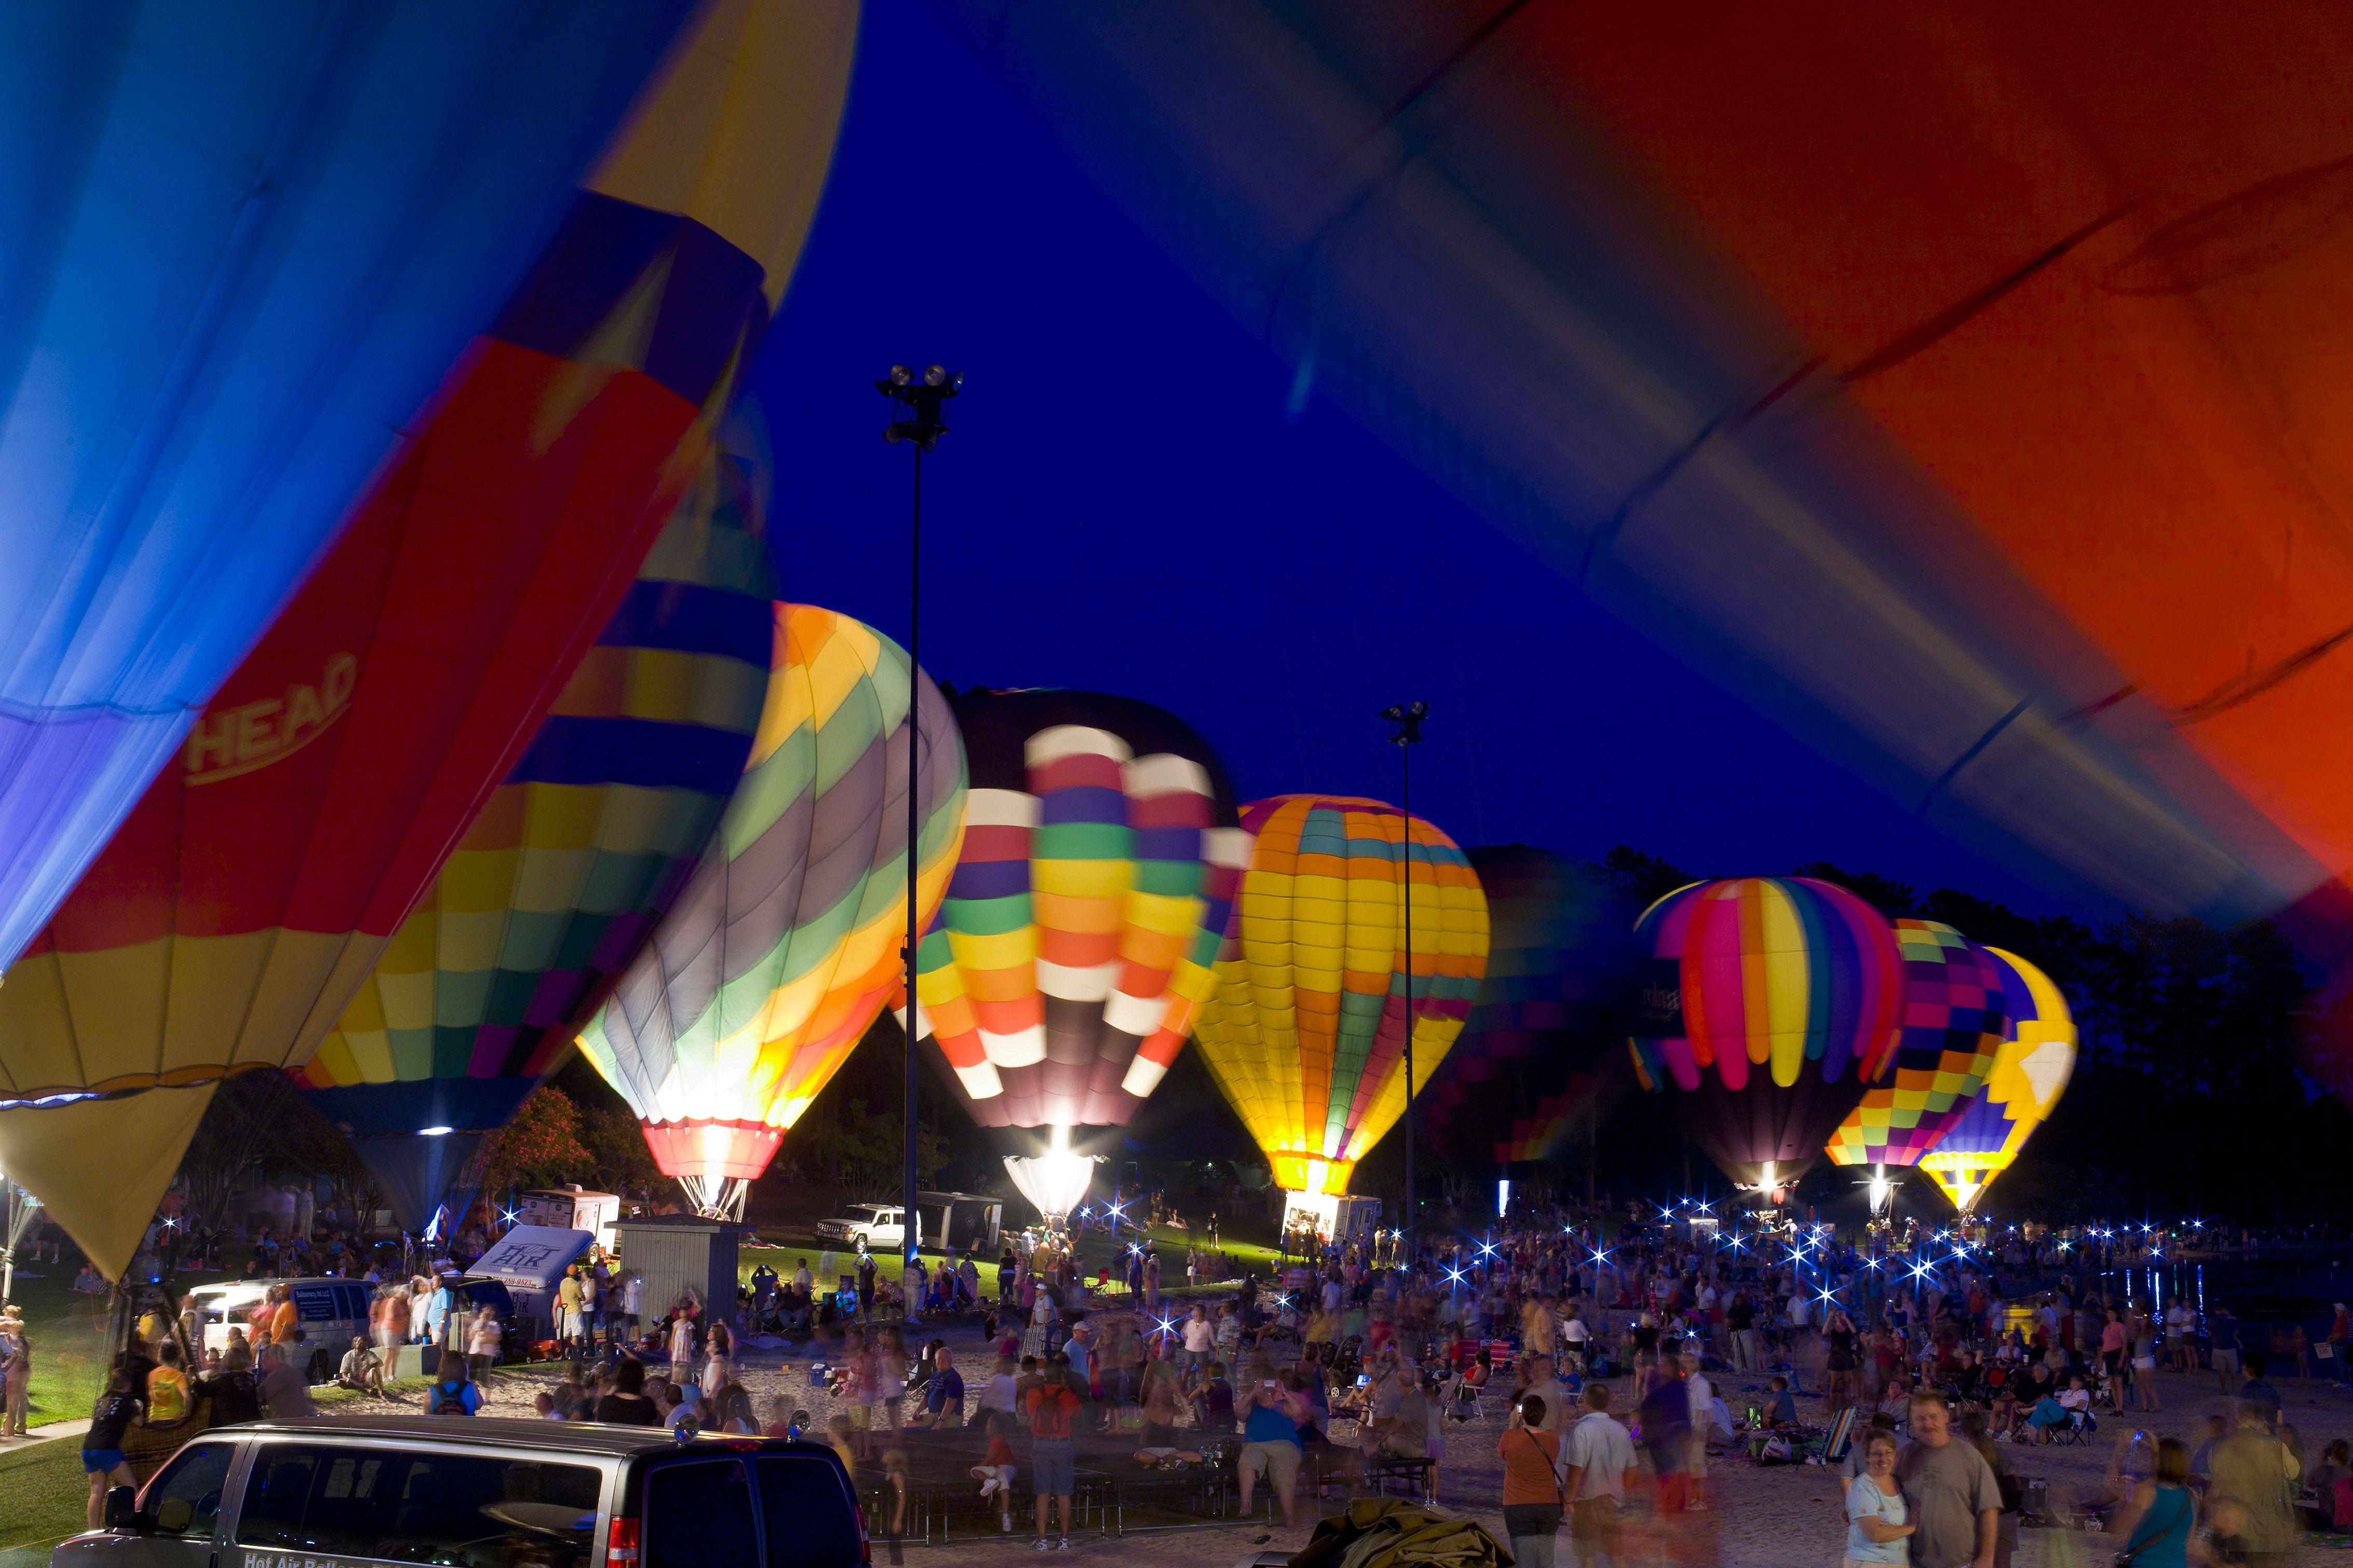 de14627c4e481e5c8e297de683466908 - Sky High Hot Air Balloon Festival Callaway Gardens